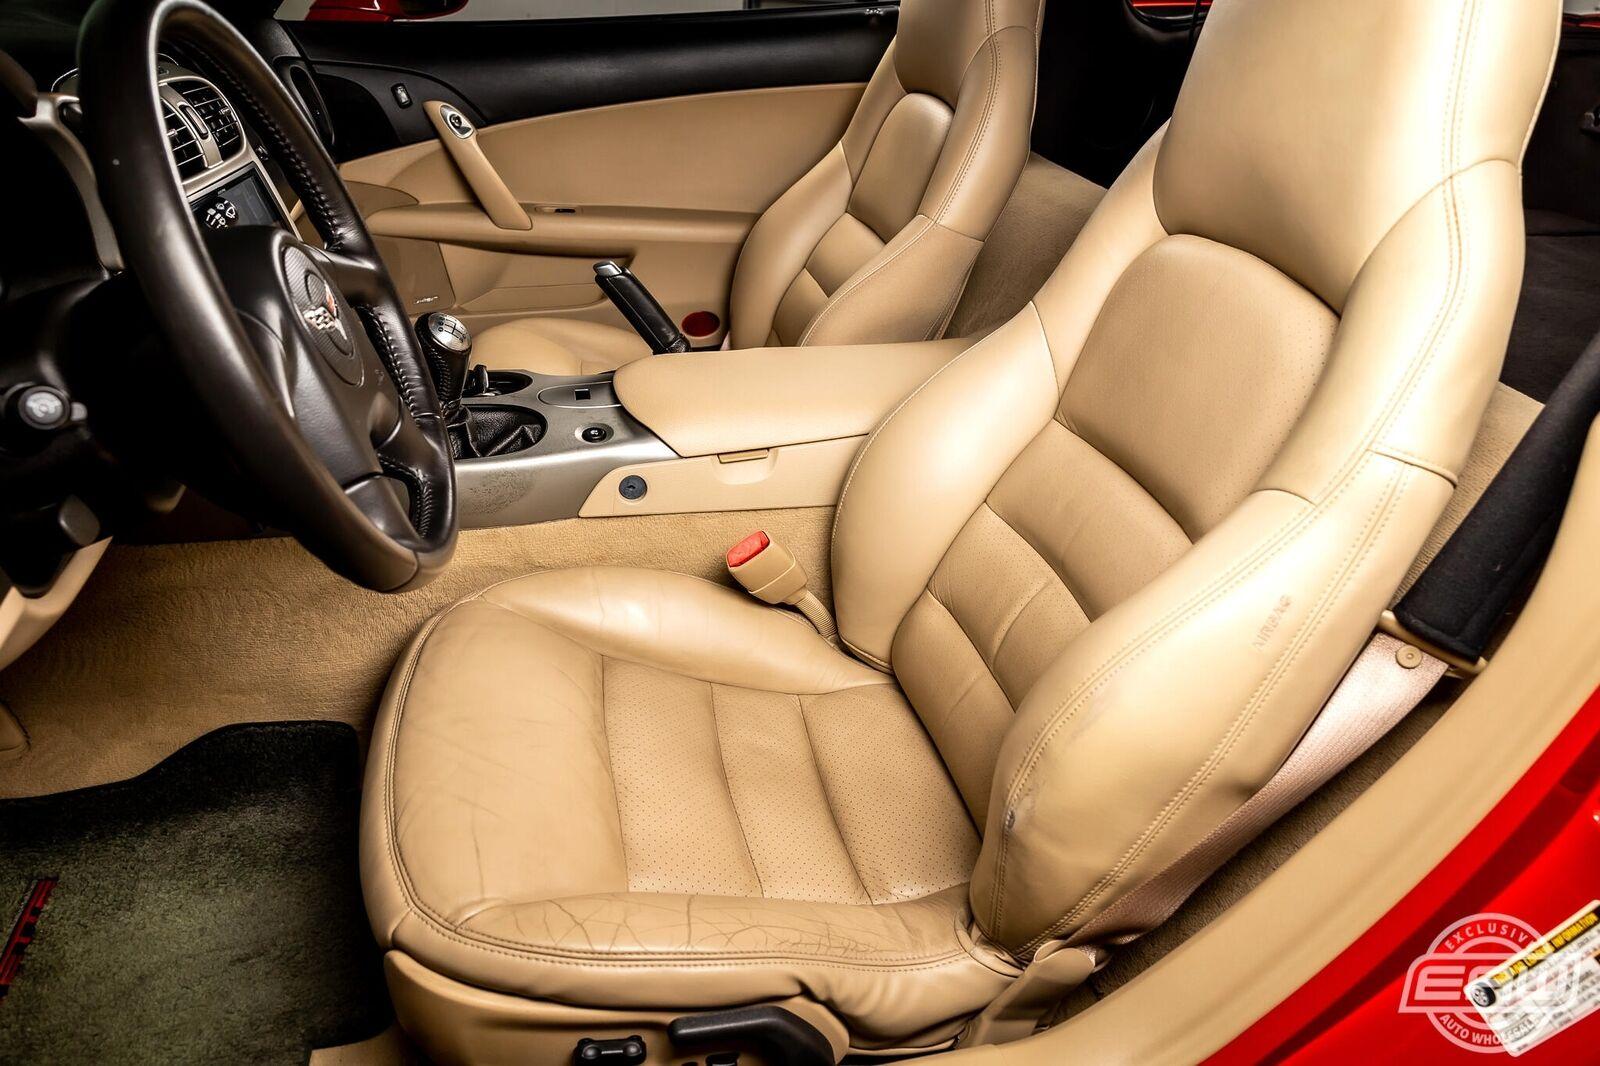 2005 Red Chevrolet Corvette Coupe  | C6 Corvette Photo 5